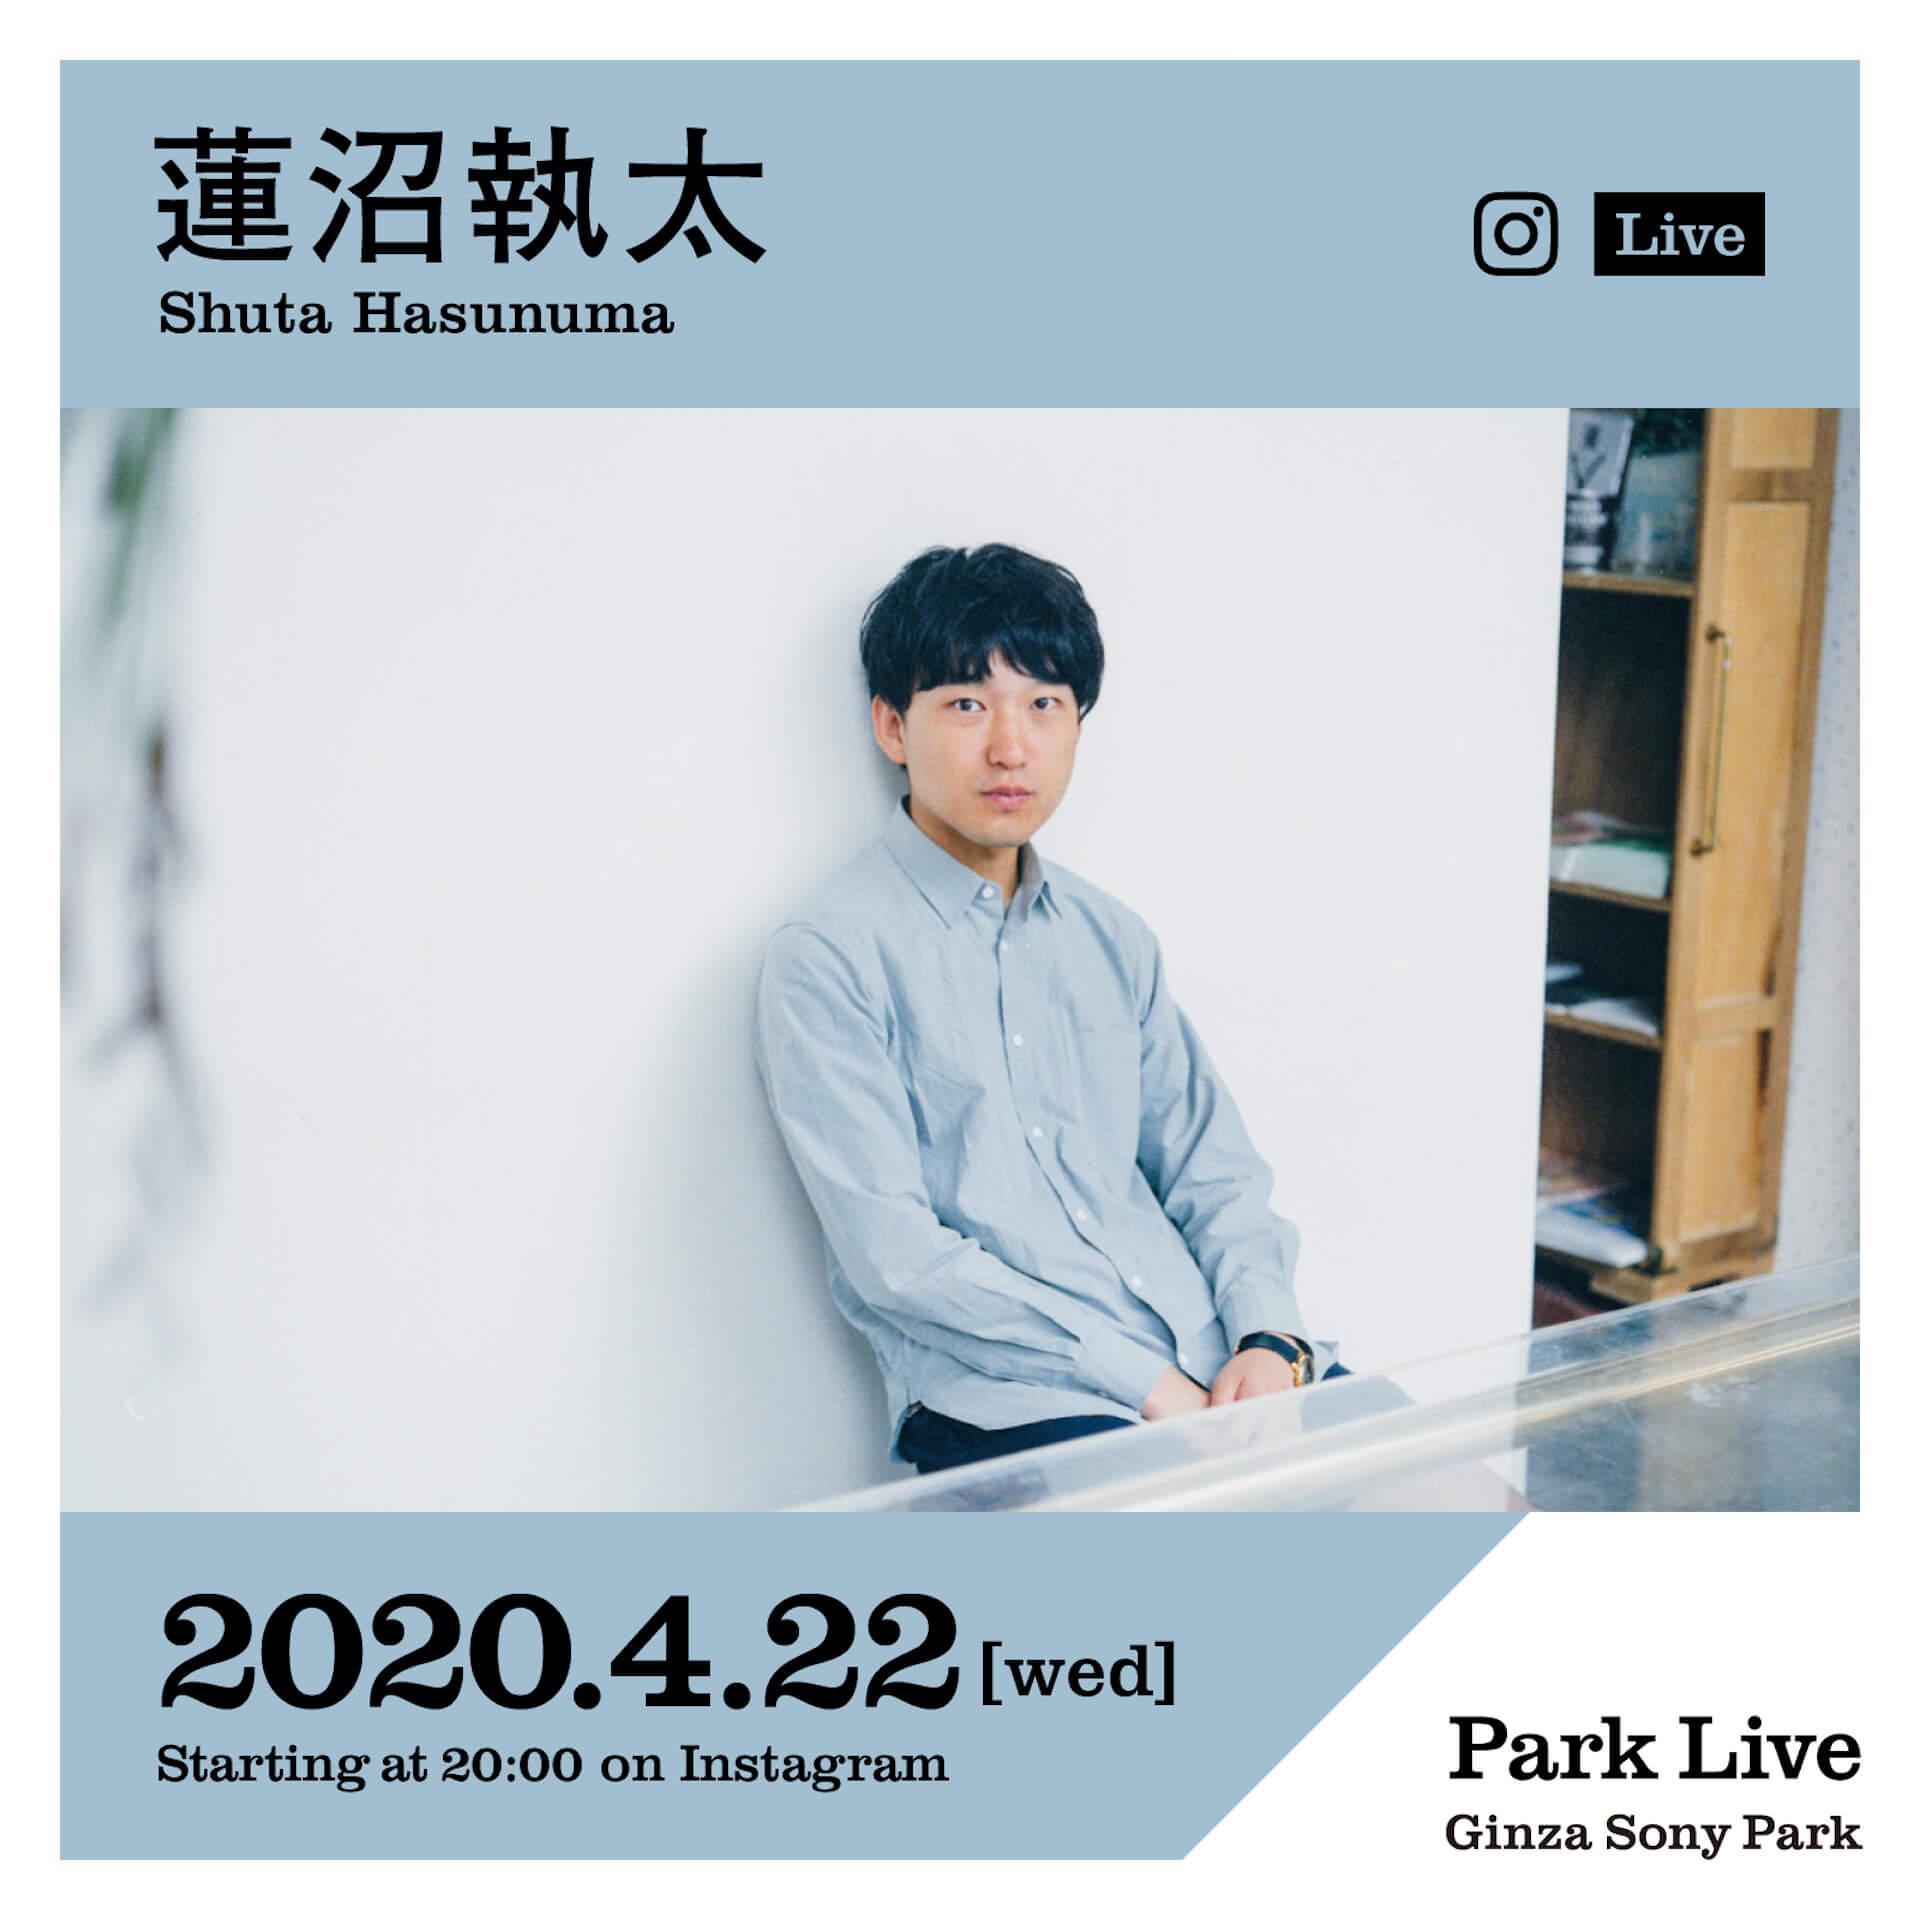 蓮沼執太、Ginza Sony Park『Park Live』主催のInstagram配信に自宅から生出演 新曲のプレビューも music200421_hasunumashuta_main